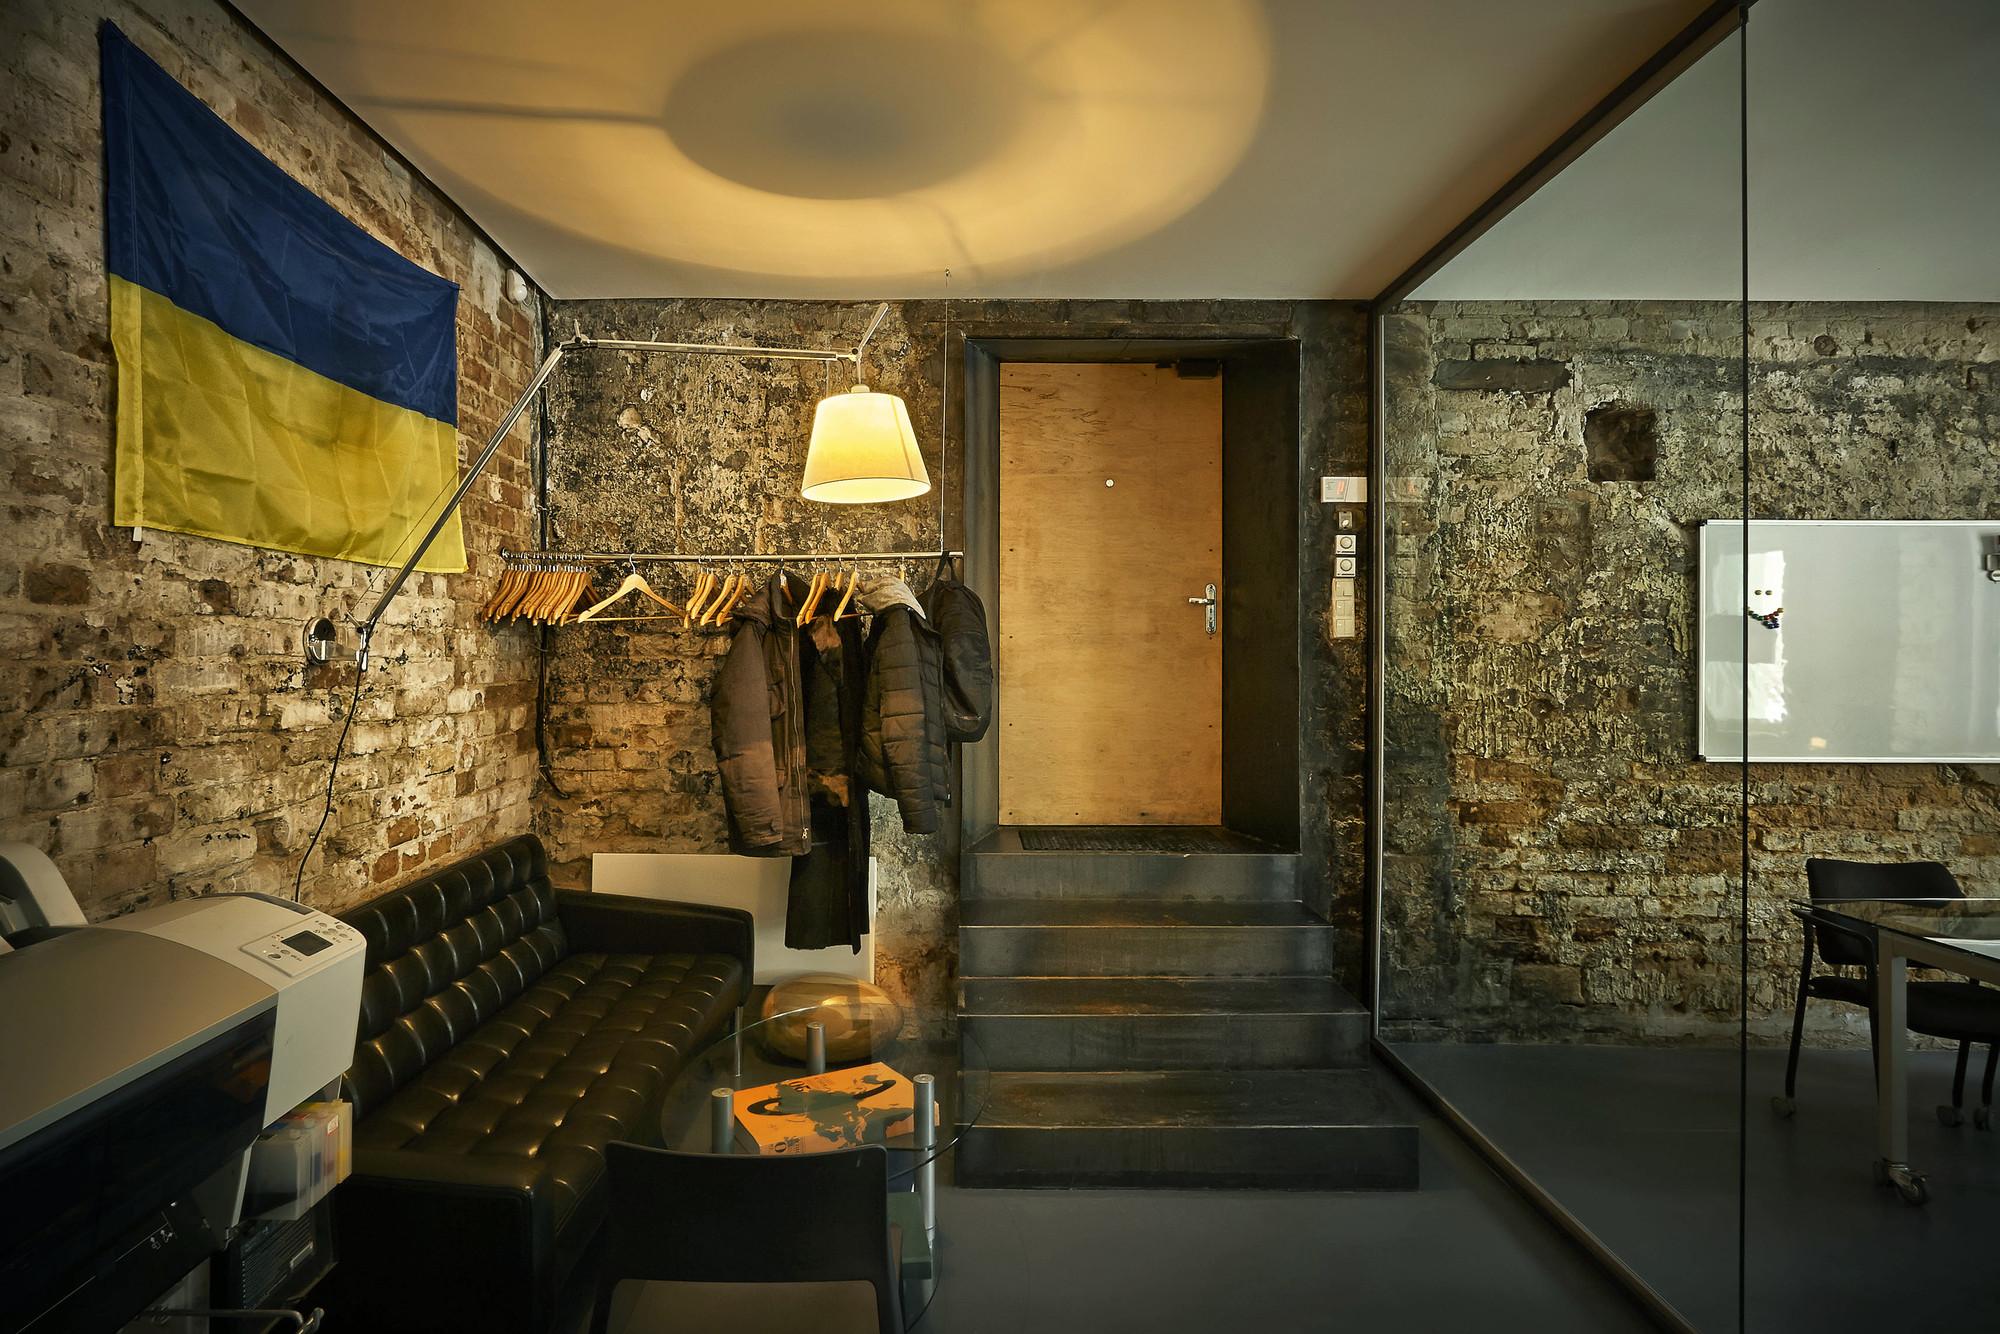 Gallery of office zotov & co architecture bureau zotov&co 9